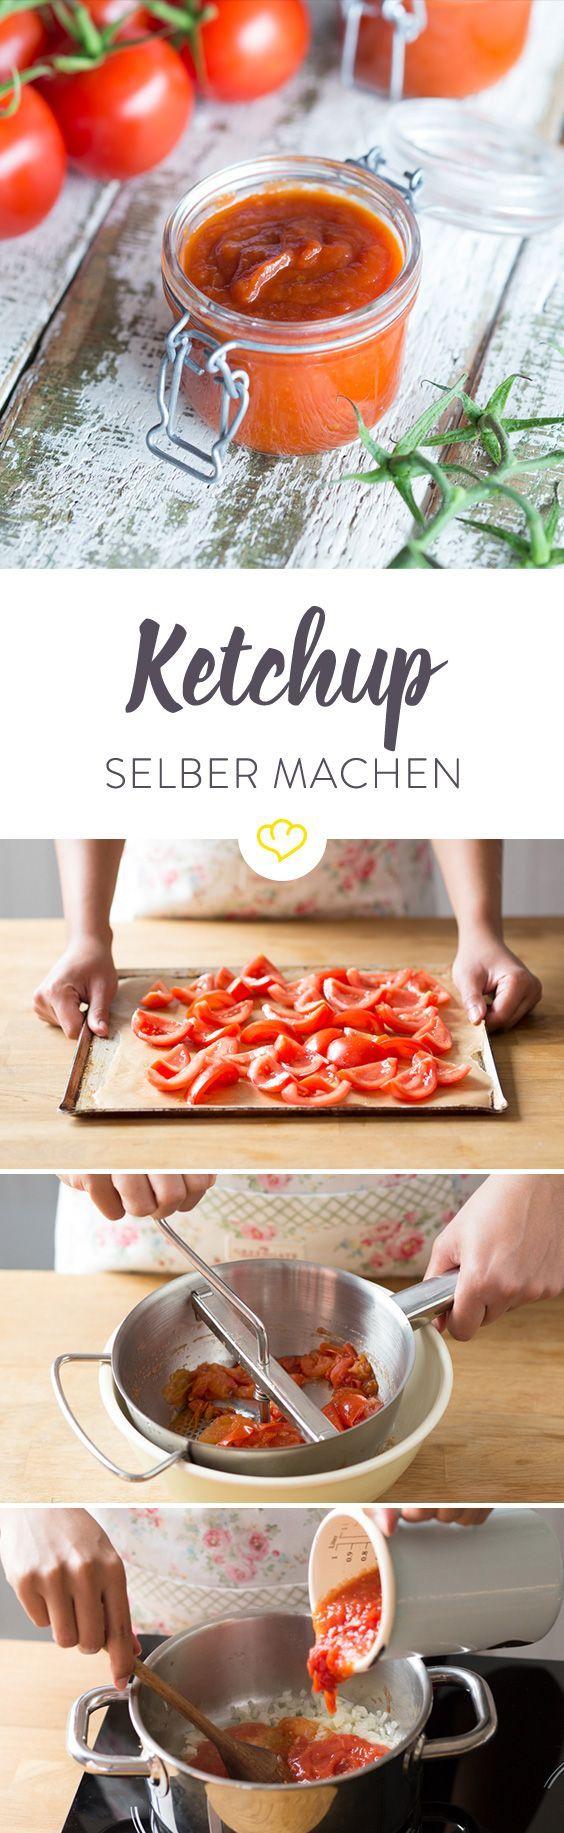 Du liebst Ketchup, aber beim Anblick der Zutatenliste, die von jeder Menge Zucker, künstlichen Aromastoffen und Konservierungsmitteln dominiert wird, vergeht dir der Appetit? Dann hilft nur eins: Selber machen!